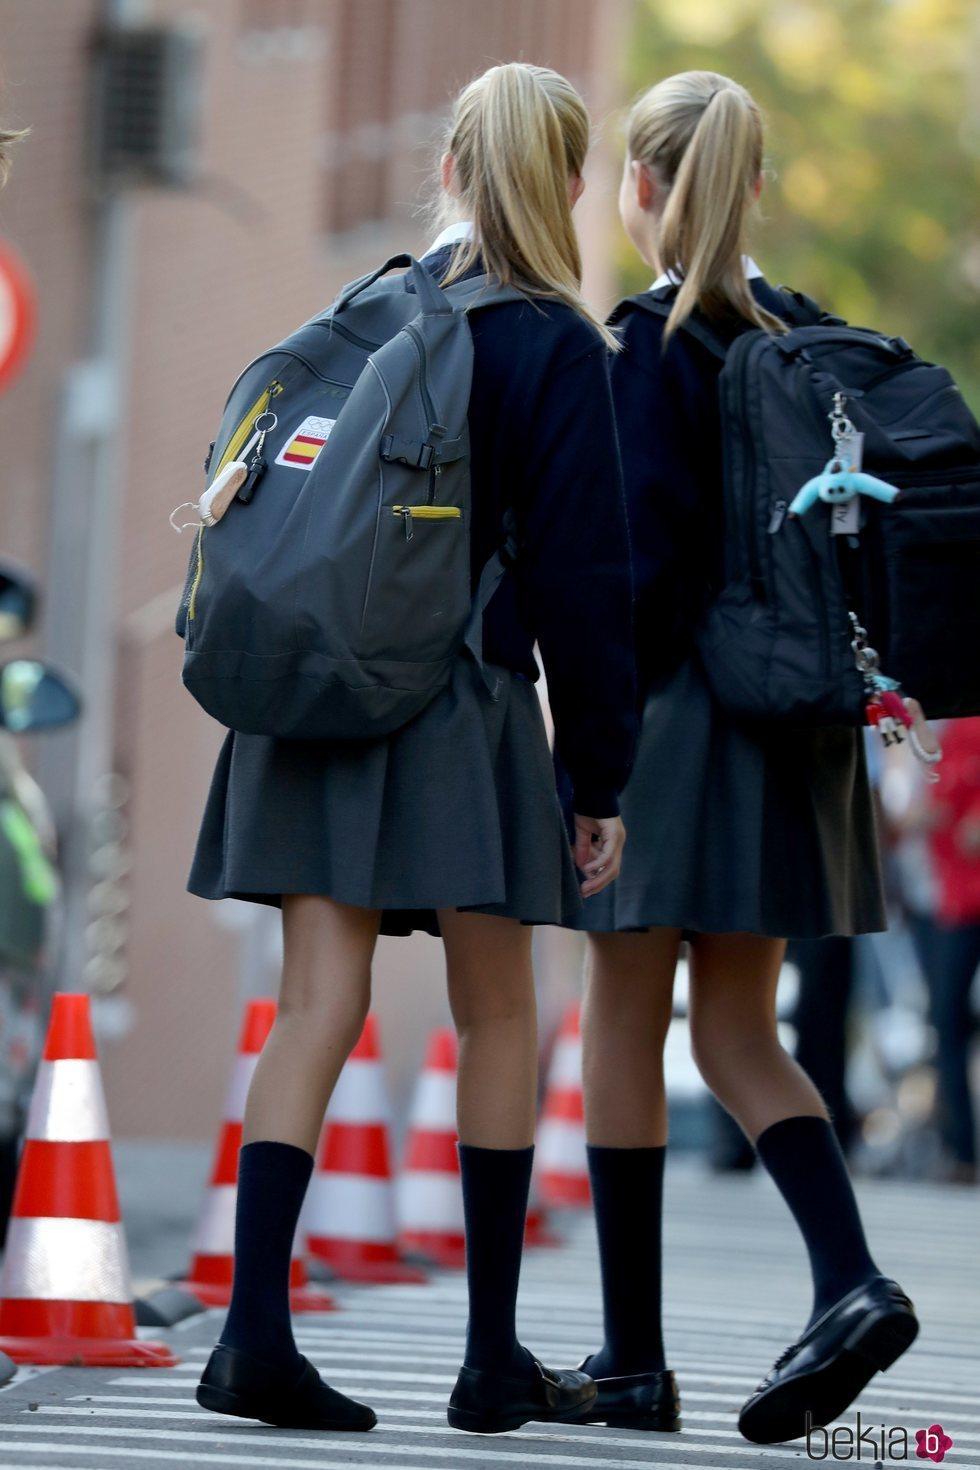 La Princesa Leonor y la Infanta Sofía con sus mochilas en la vuelta al cole 2019/2020